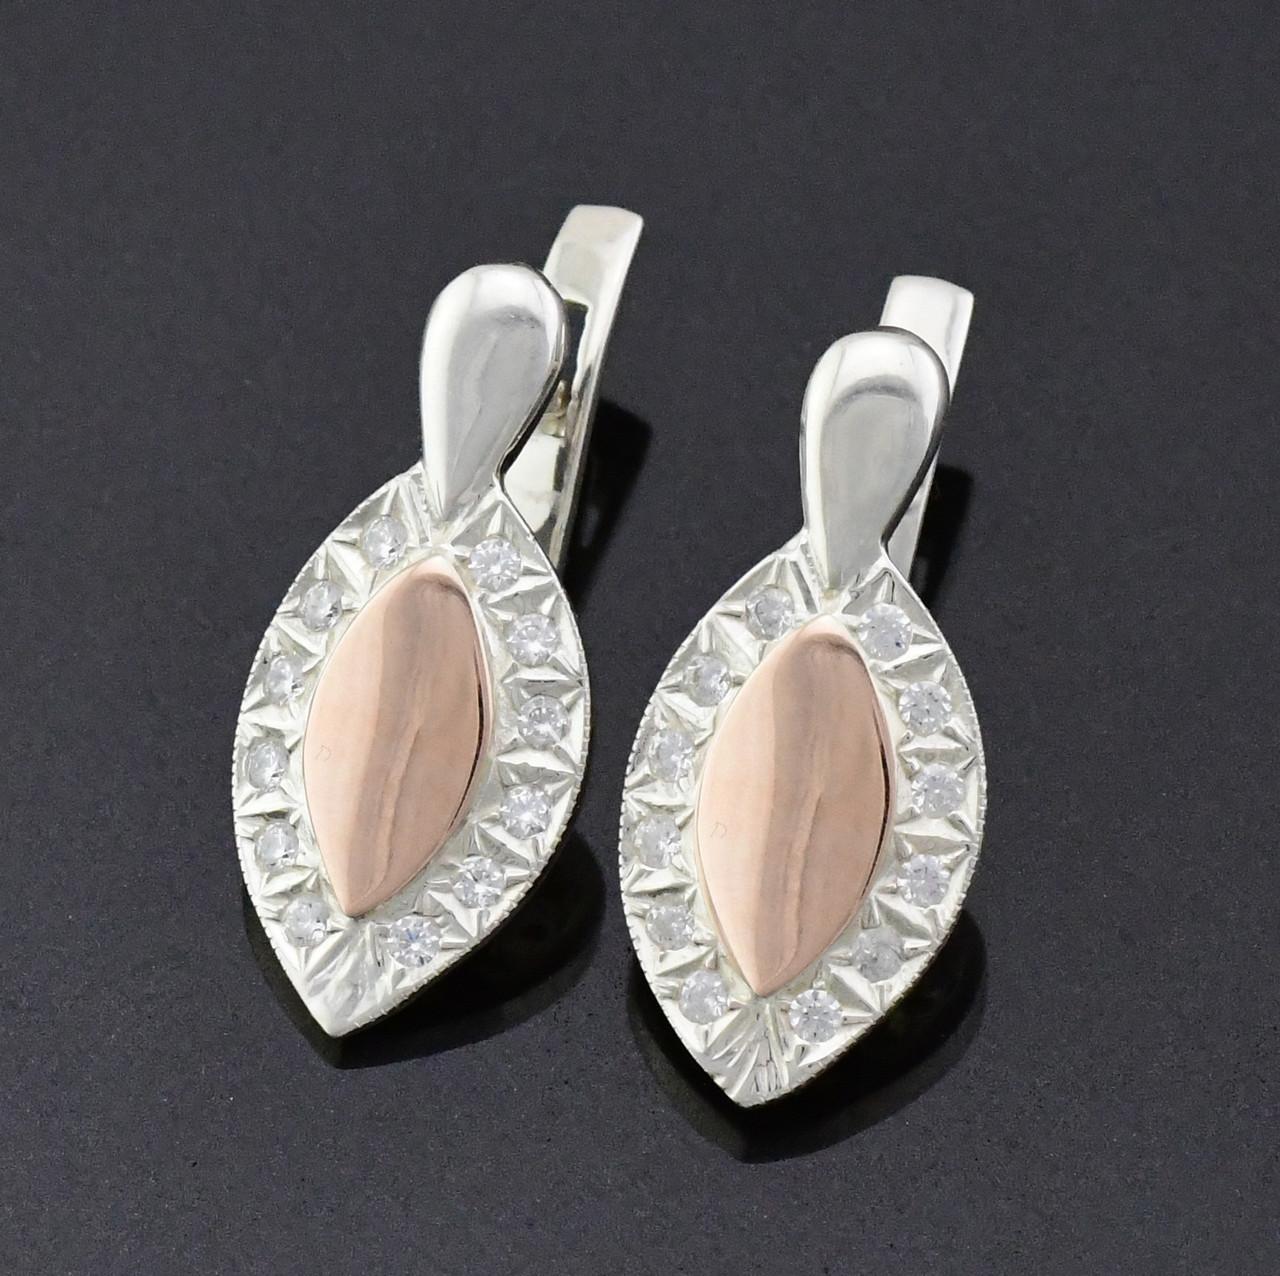 Серебряные серьги с золотыми пластинами 421-с, размер 23*11 мм, белые фианиты, вес 5.06 г